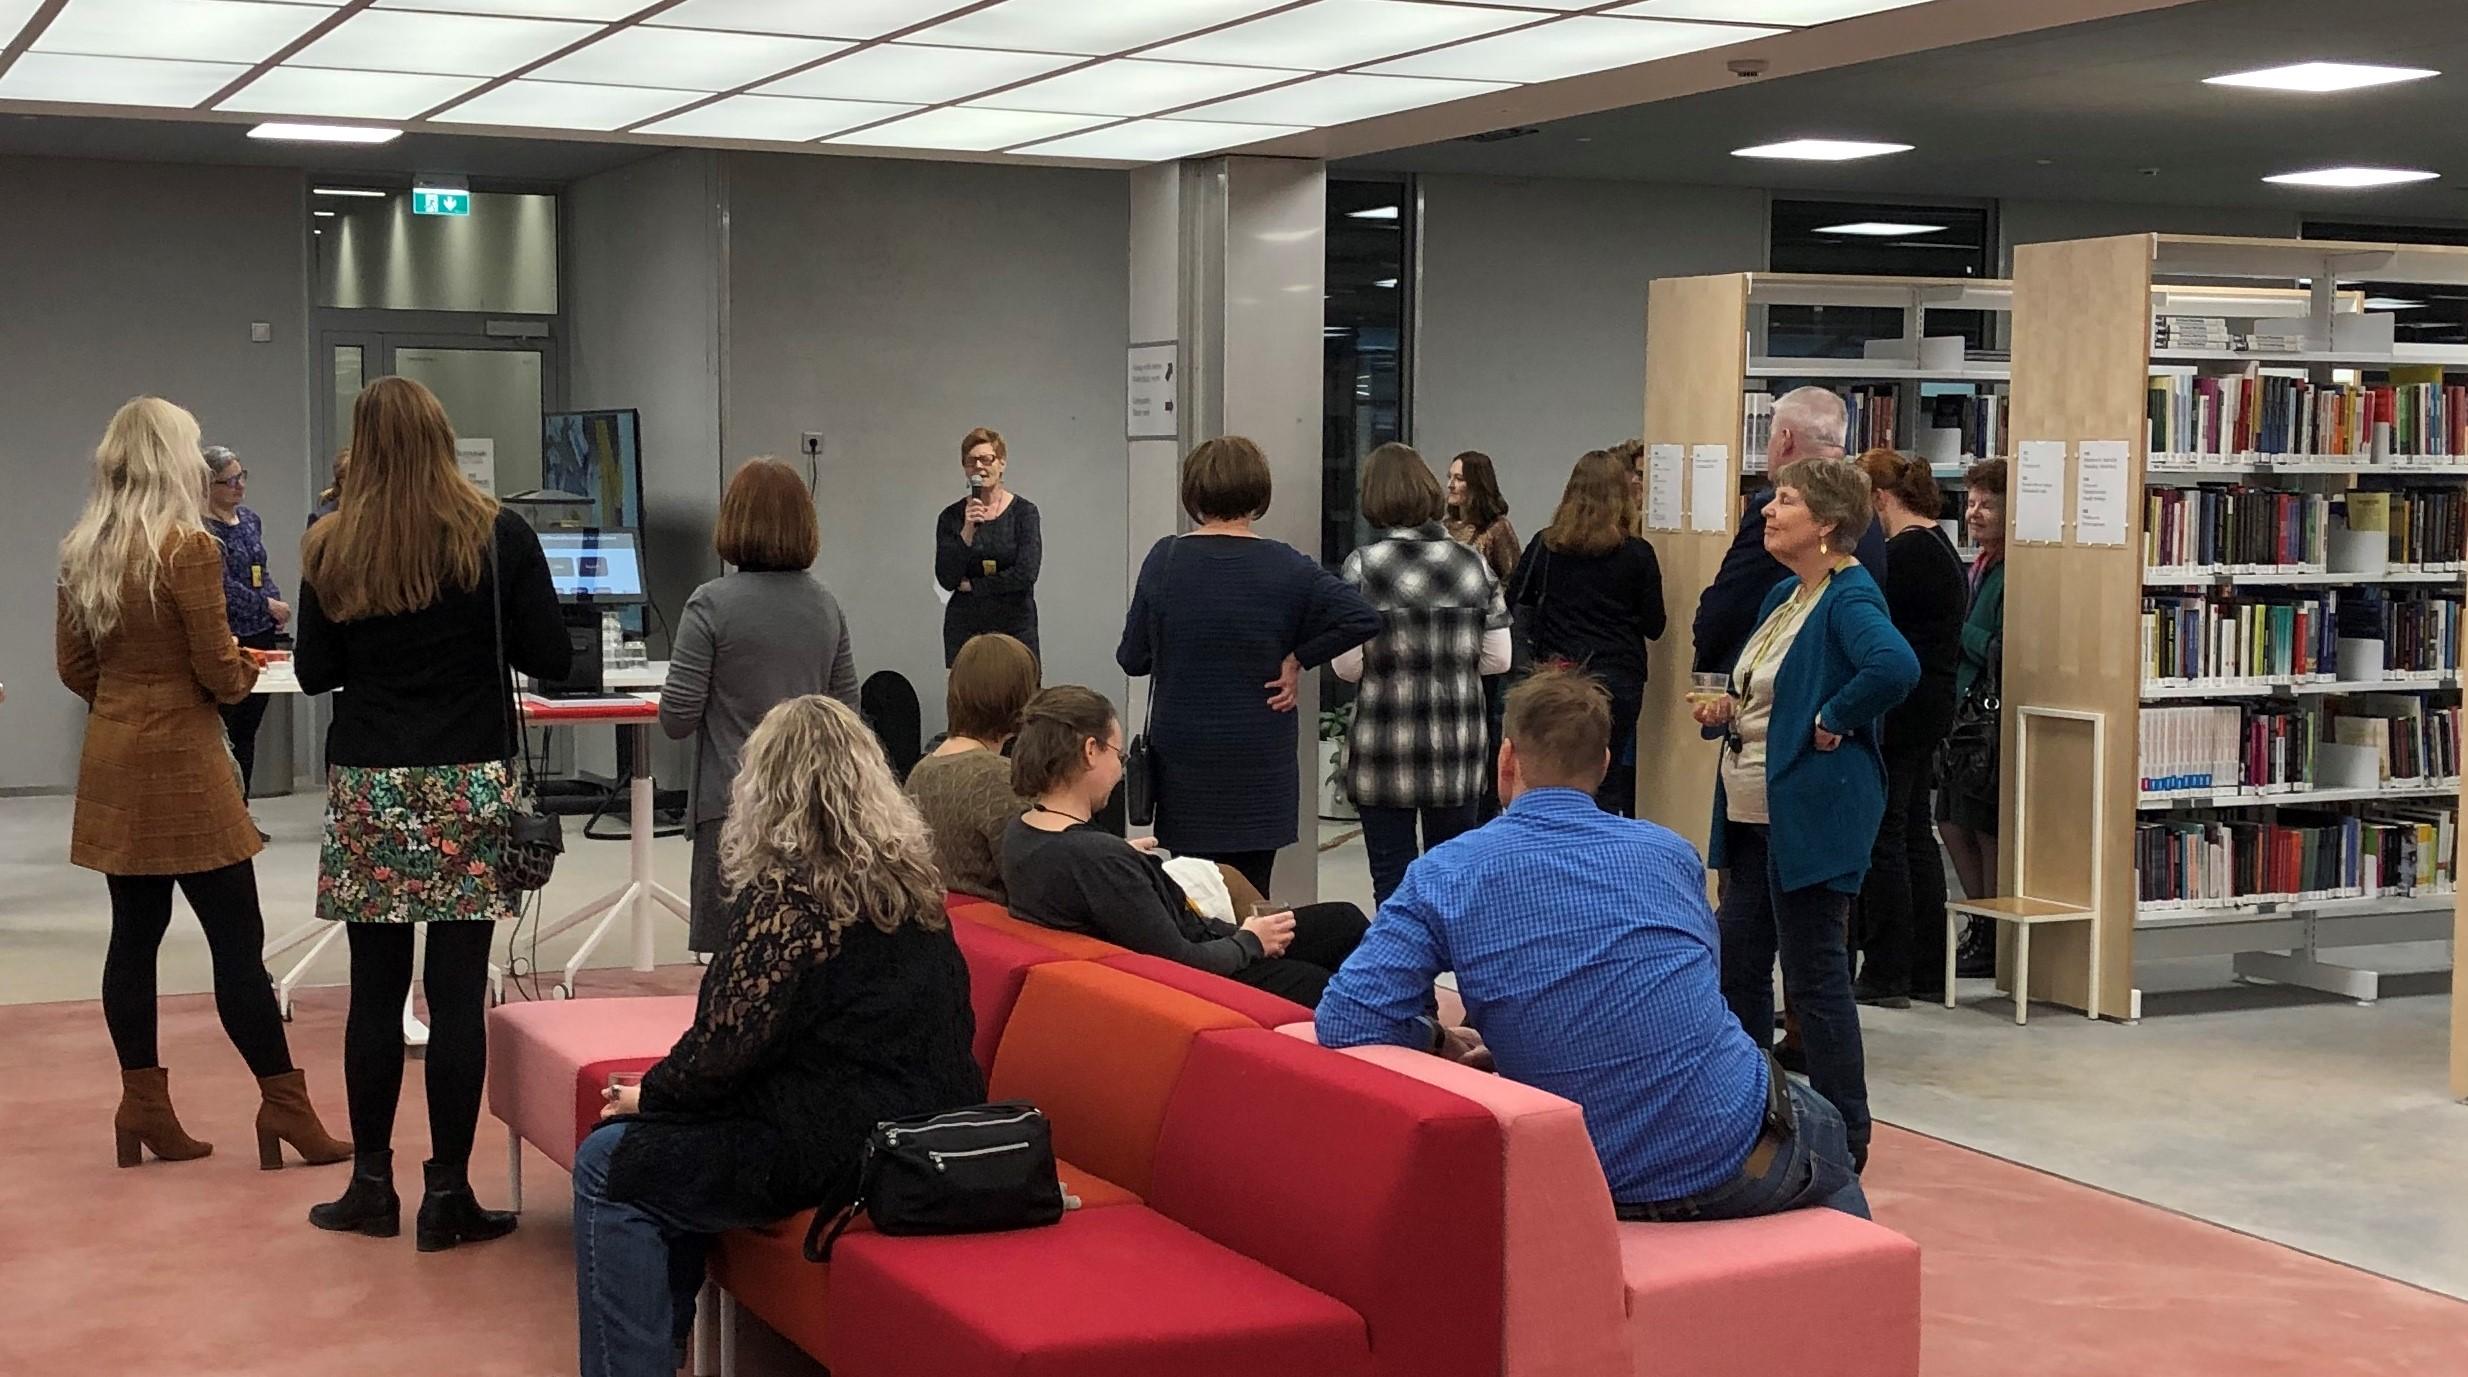 Yksi merkittävä tapahtuma kirjaston historiajanalla: Myyrmäen kampuksen kirjaston avajaiset marraskuussa 2018. Kuva: Päivi Ylitalo-Kallio.